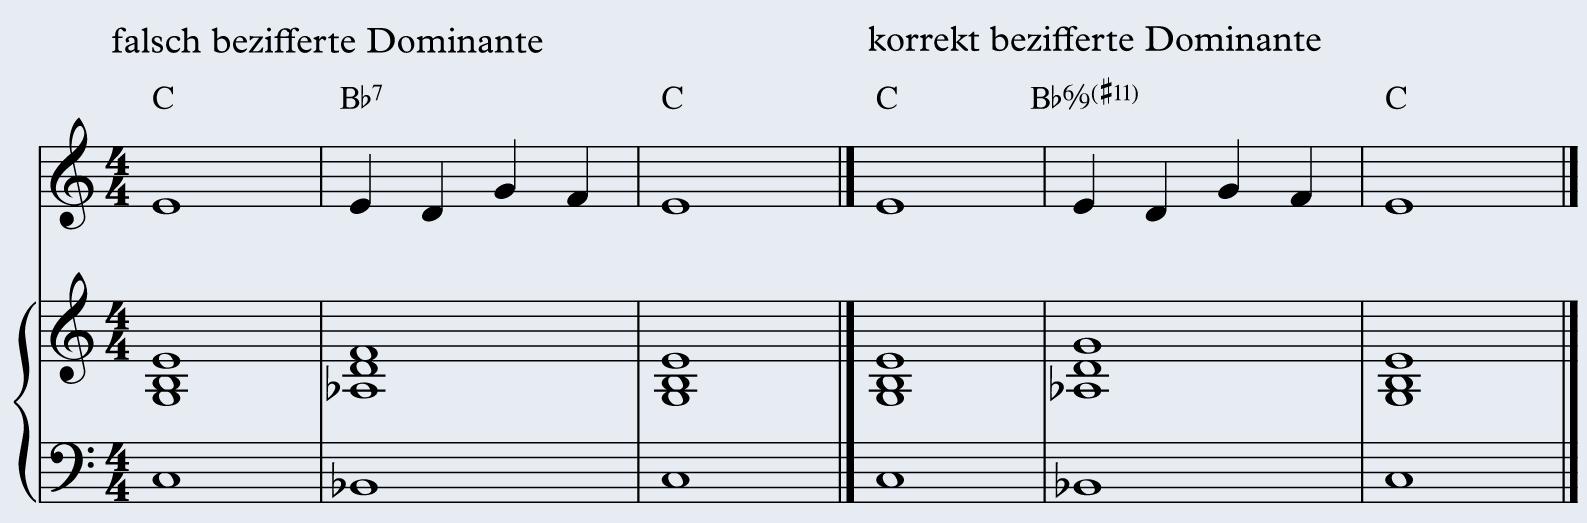 Notenbeispiel 3: Harmonielehre � falsch/korrekt bezifferte Dominante